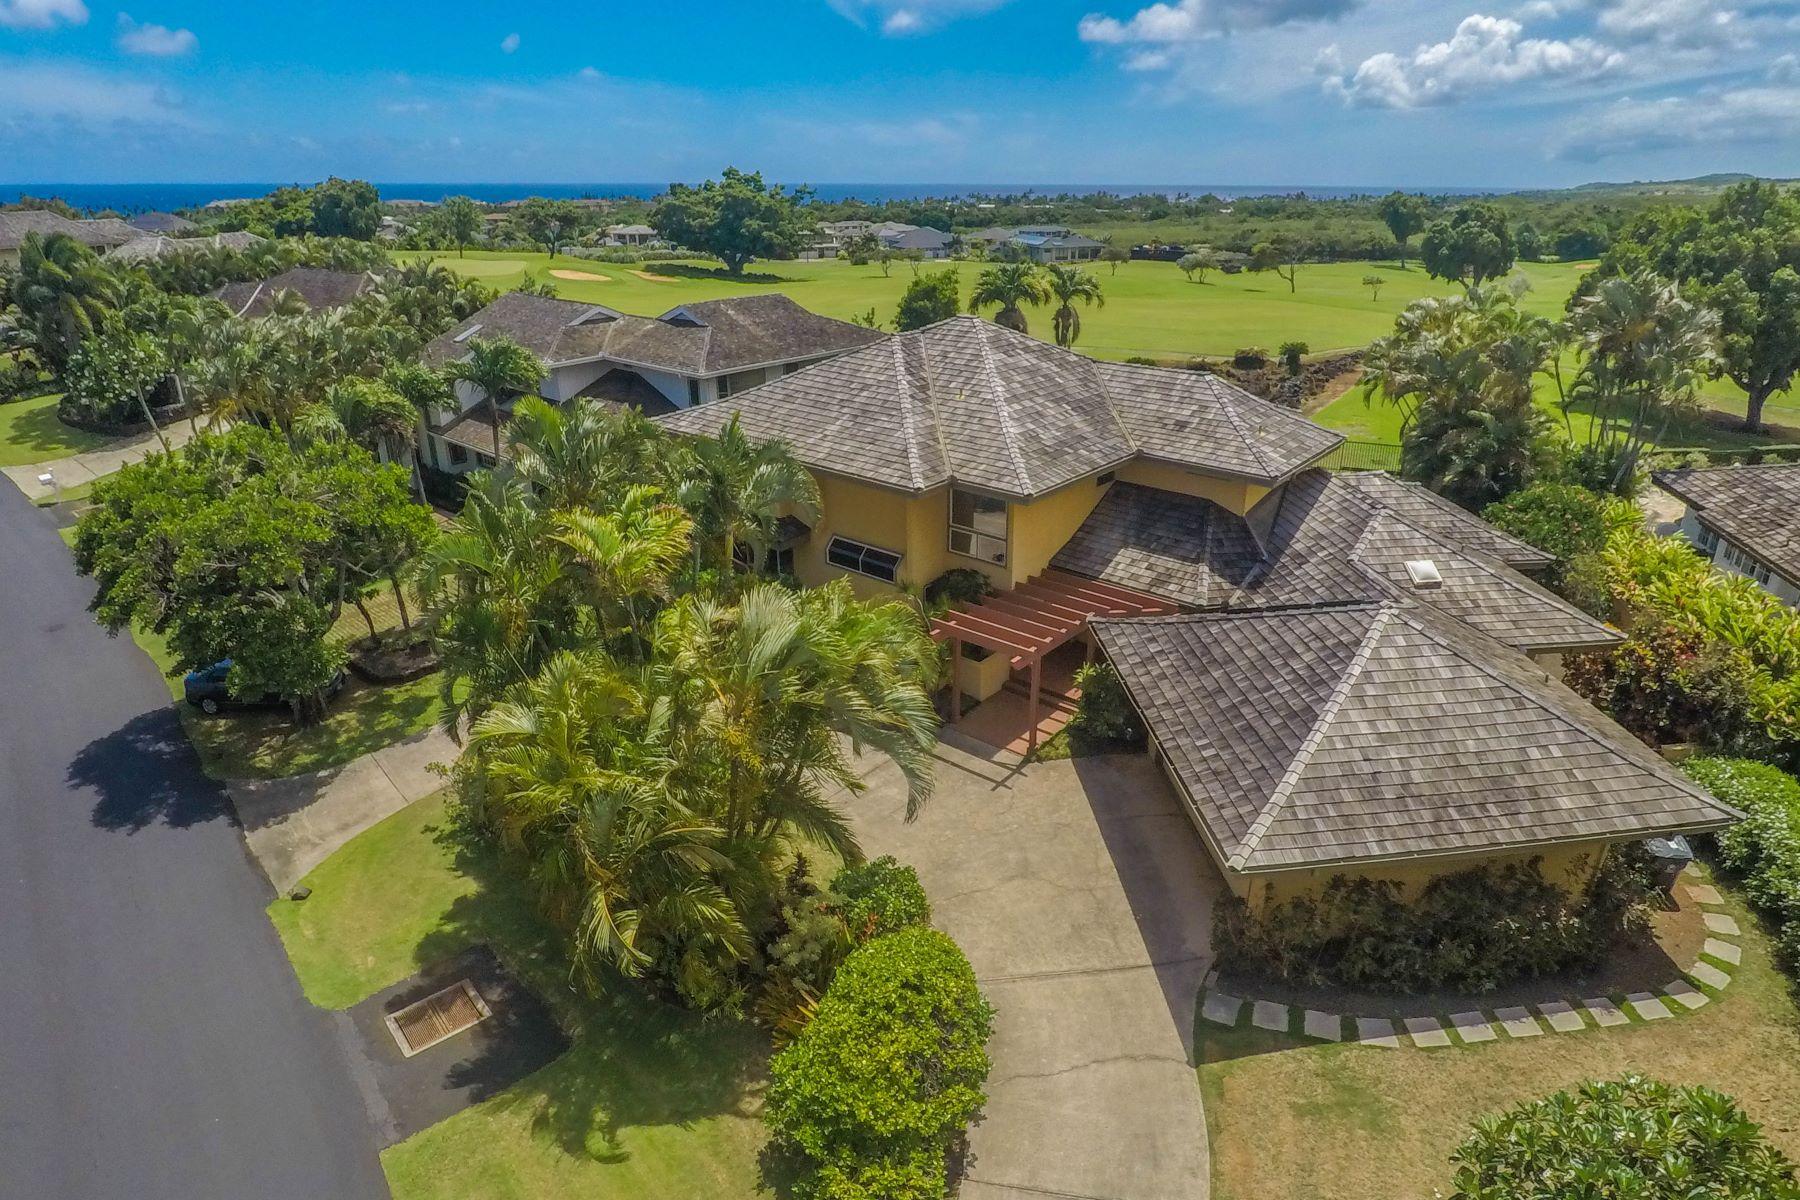 Single Family Homes for Sale at 2868 MILO HAE LP KOLOA, HI 96756 2868 MILO HAE LP Koloa, Hawaii 96756 United States